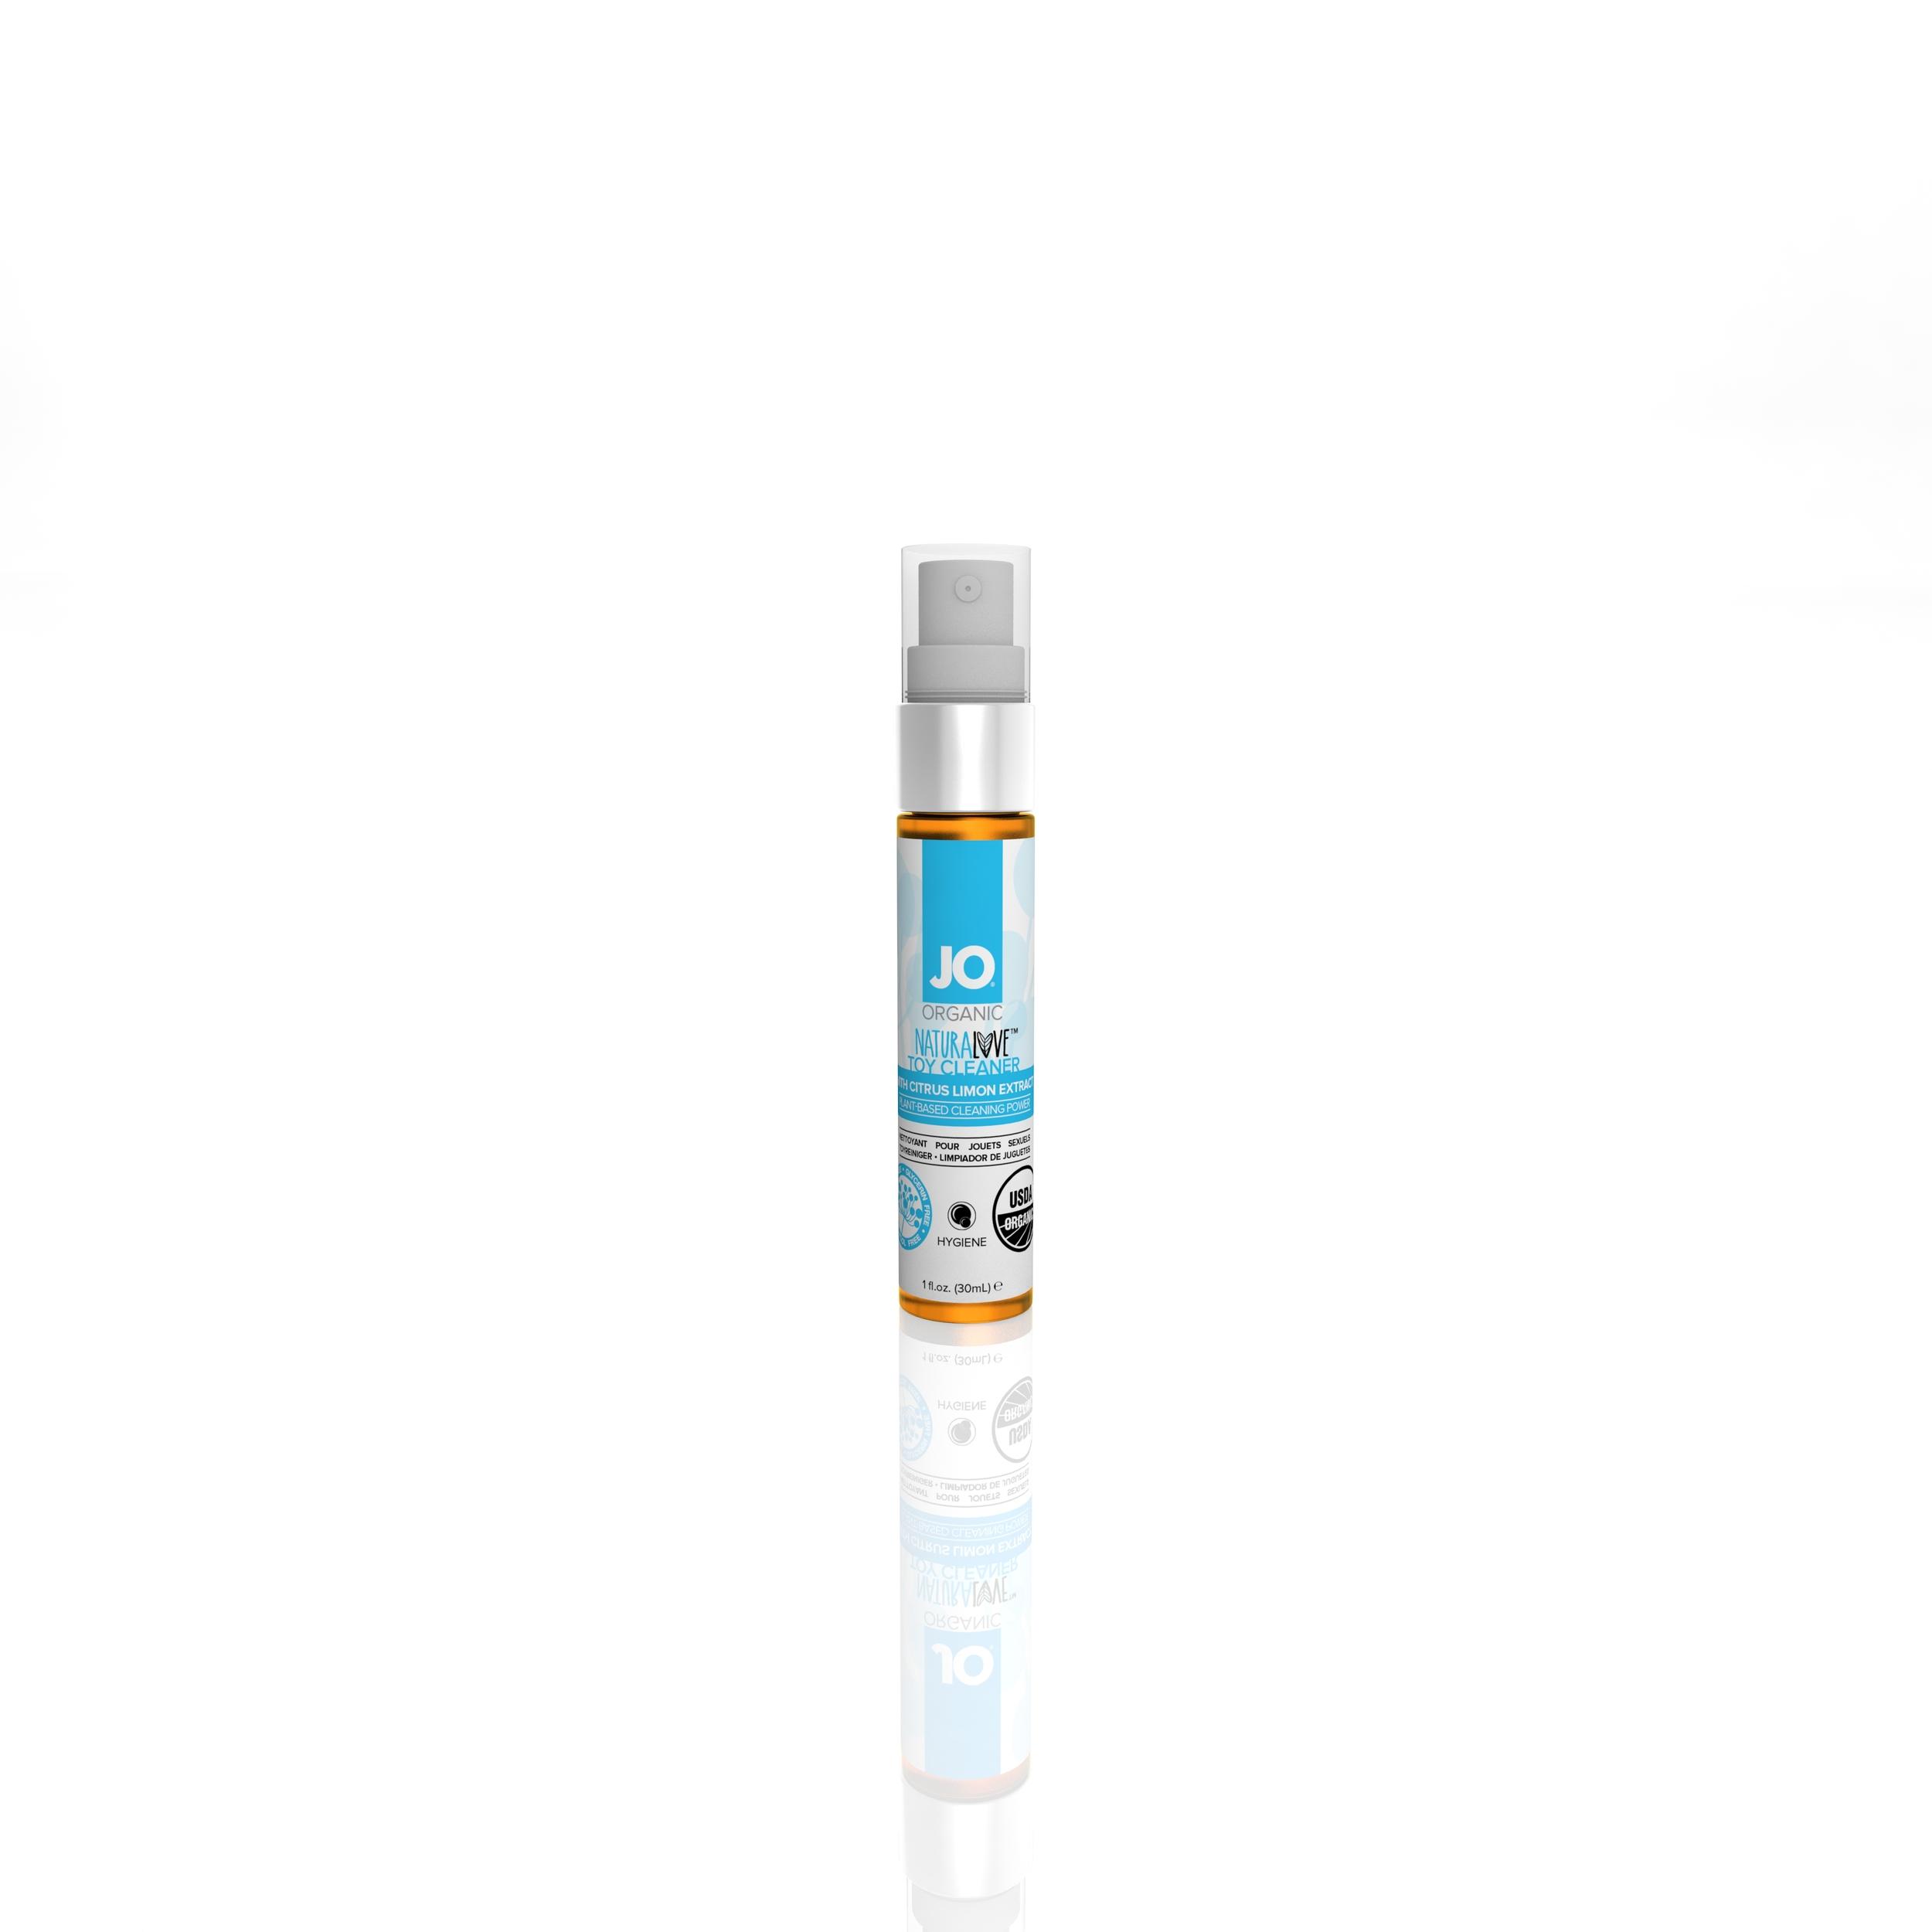 JO USDA Organic 1oz Toy Cleaner (straight on) (white)001.jpg